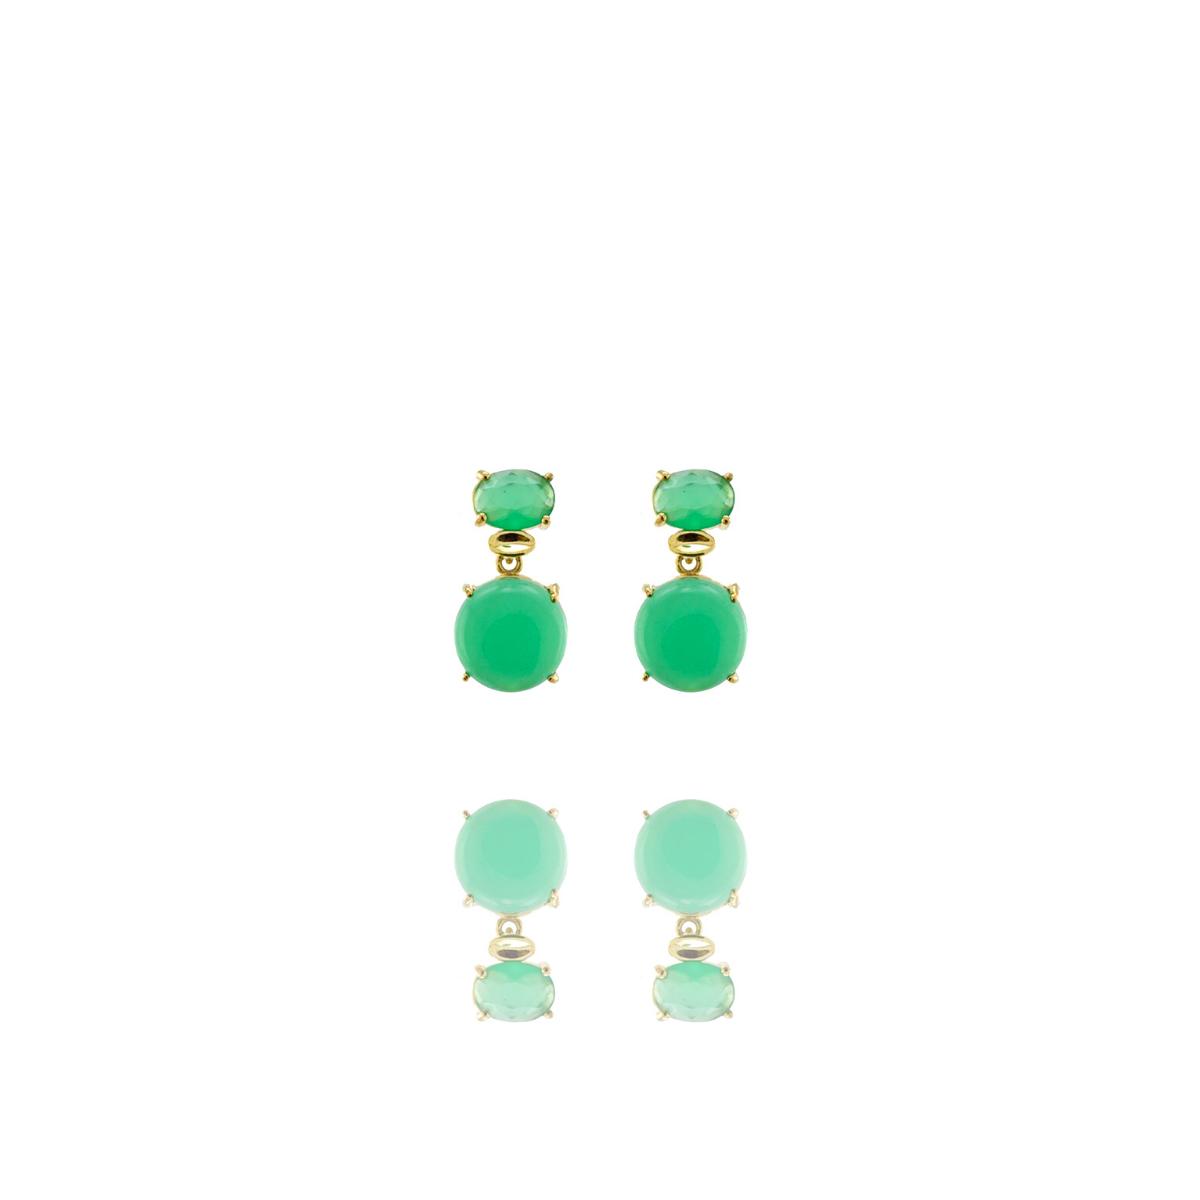 Brinco Barbara Strauss Esmirna Quartzo Verde, Revestido Em Ouro 18K